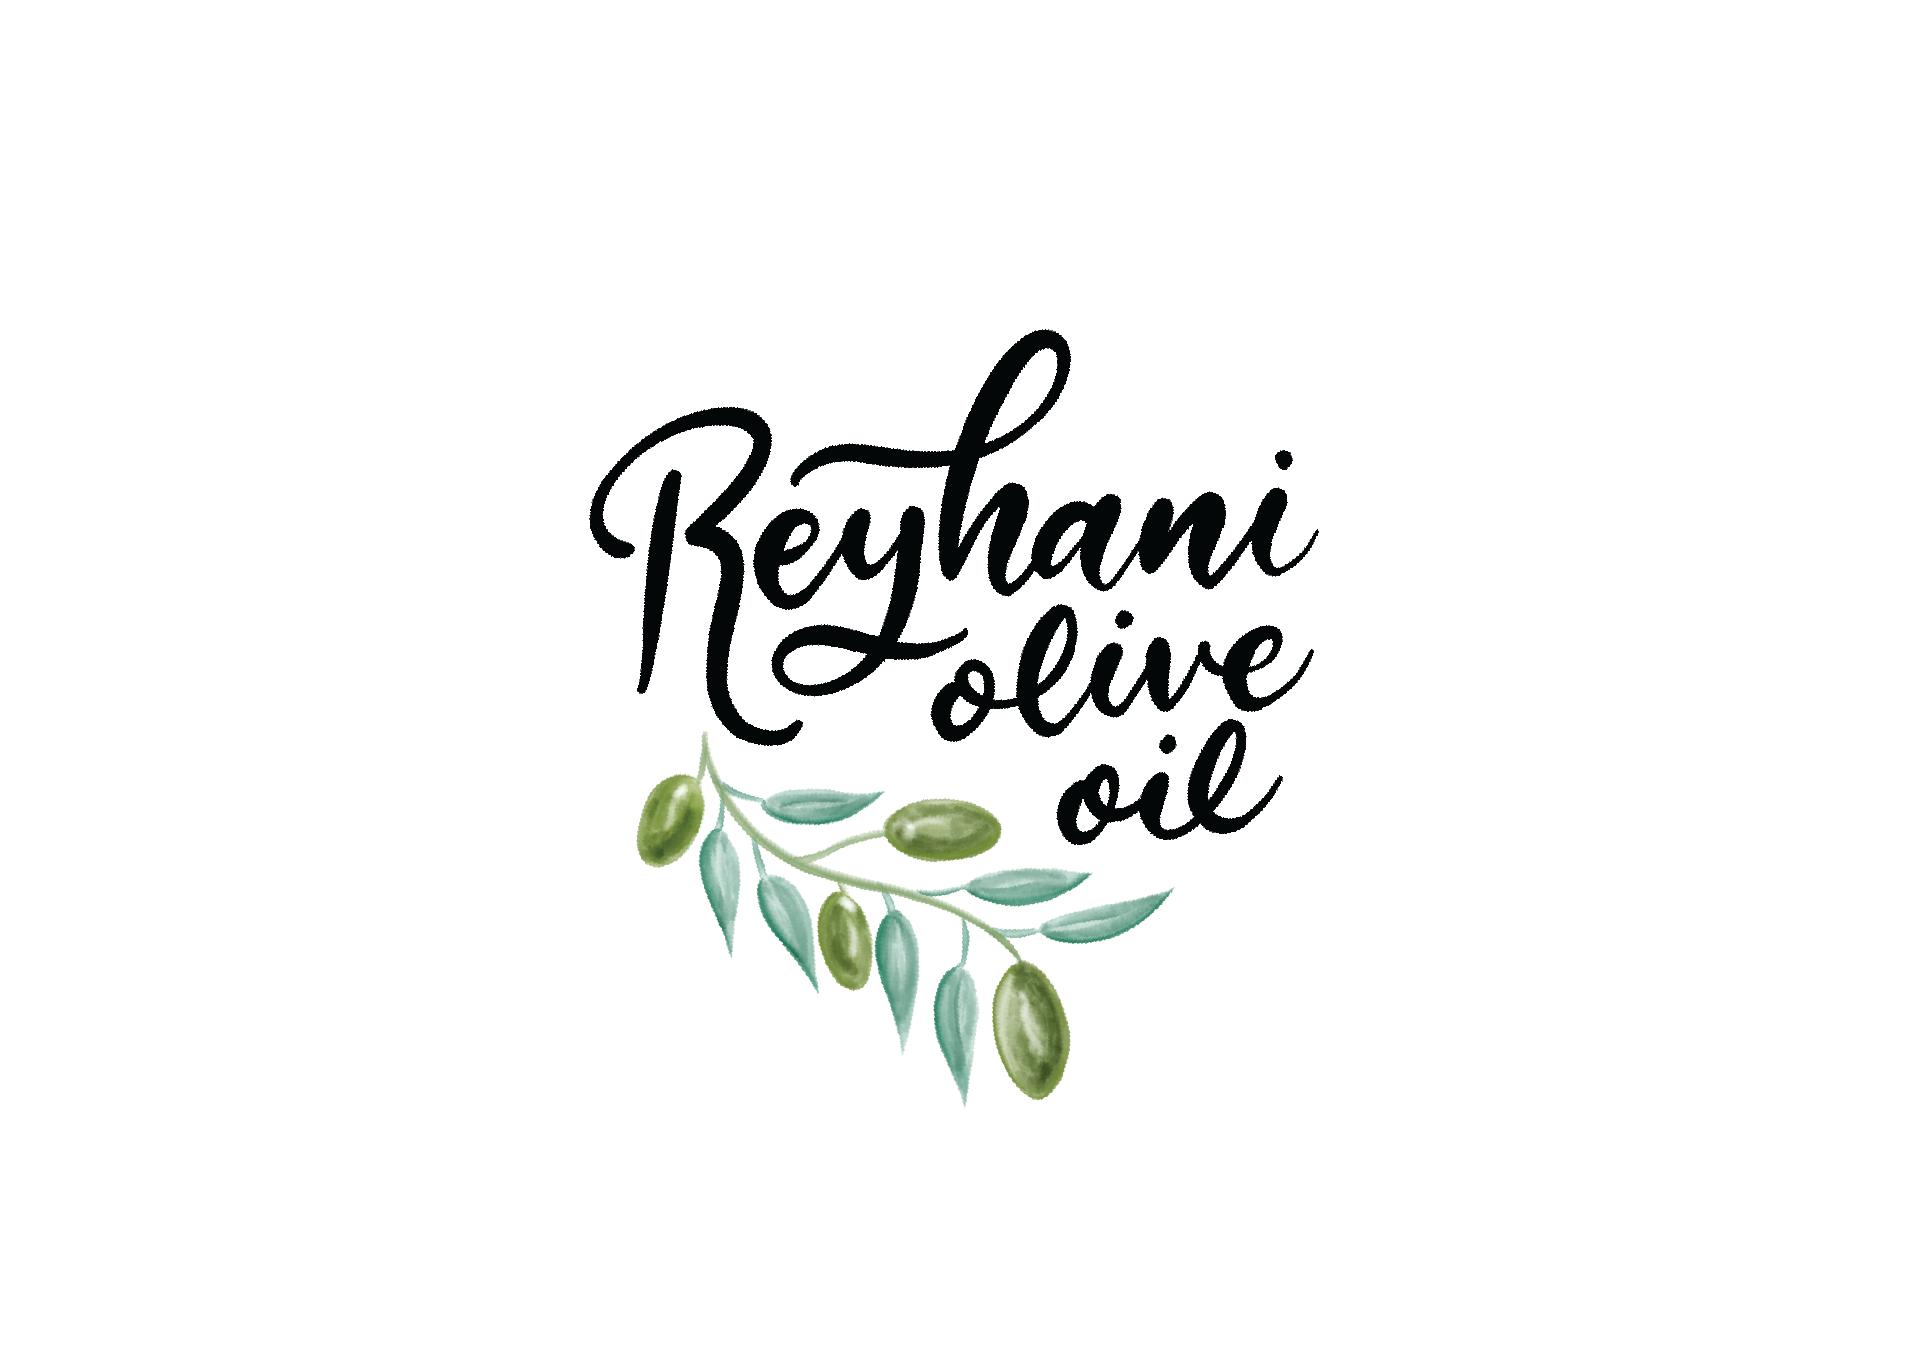 Hand lettered logo and olives illustration